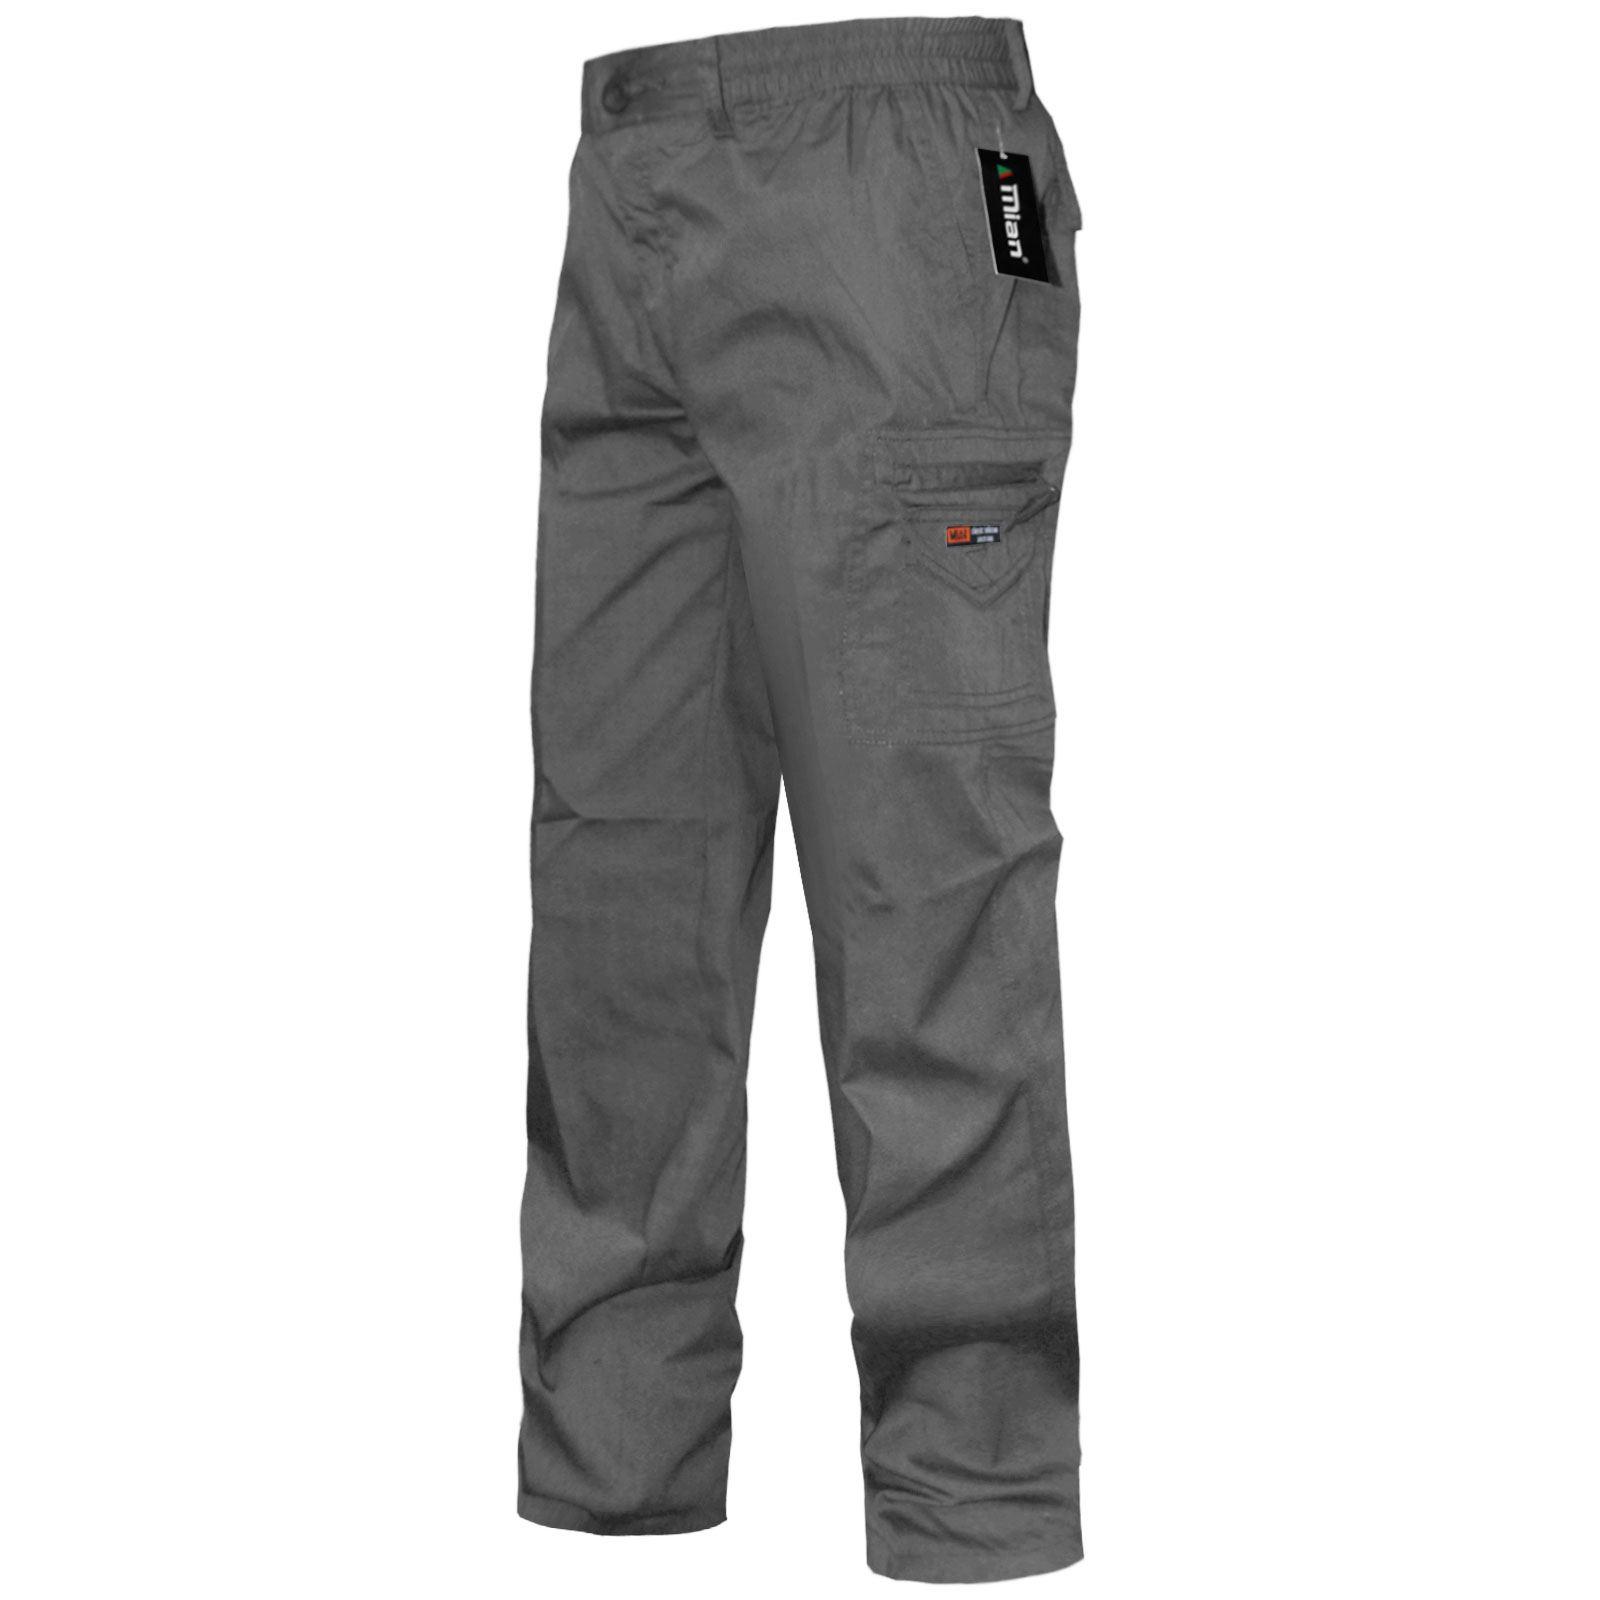 Shop Cargo Pants